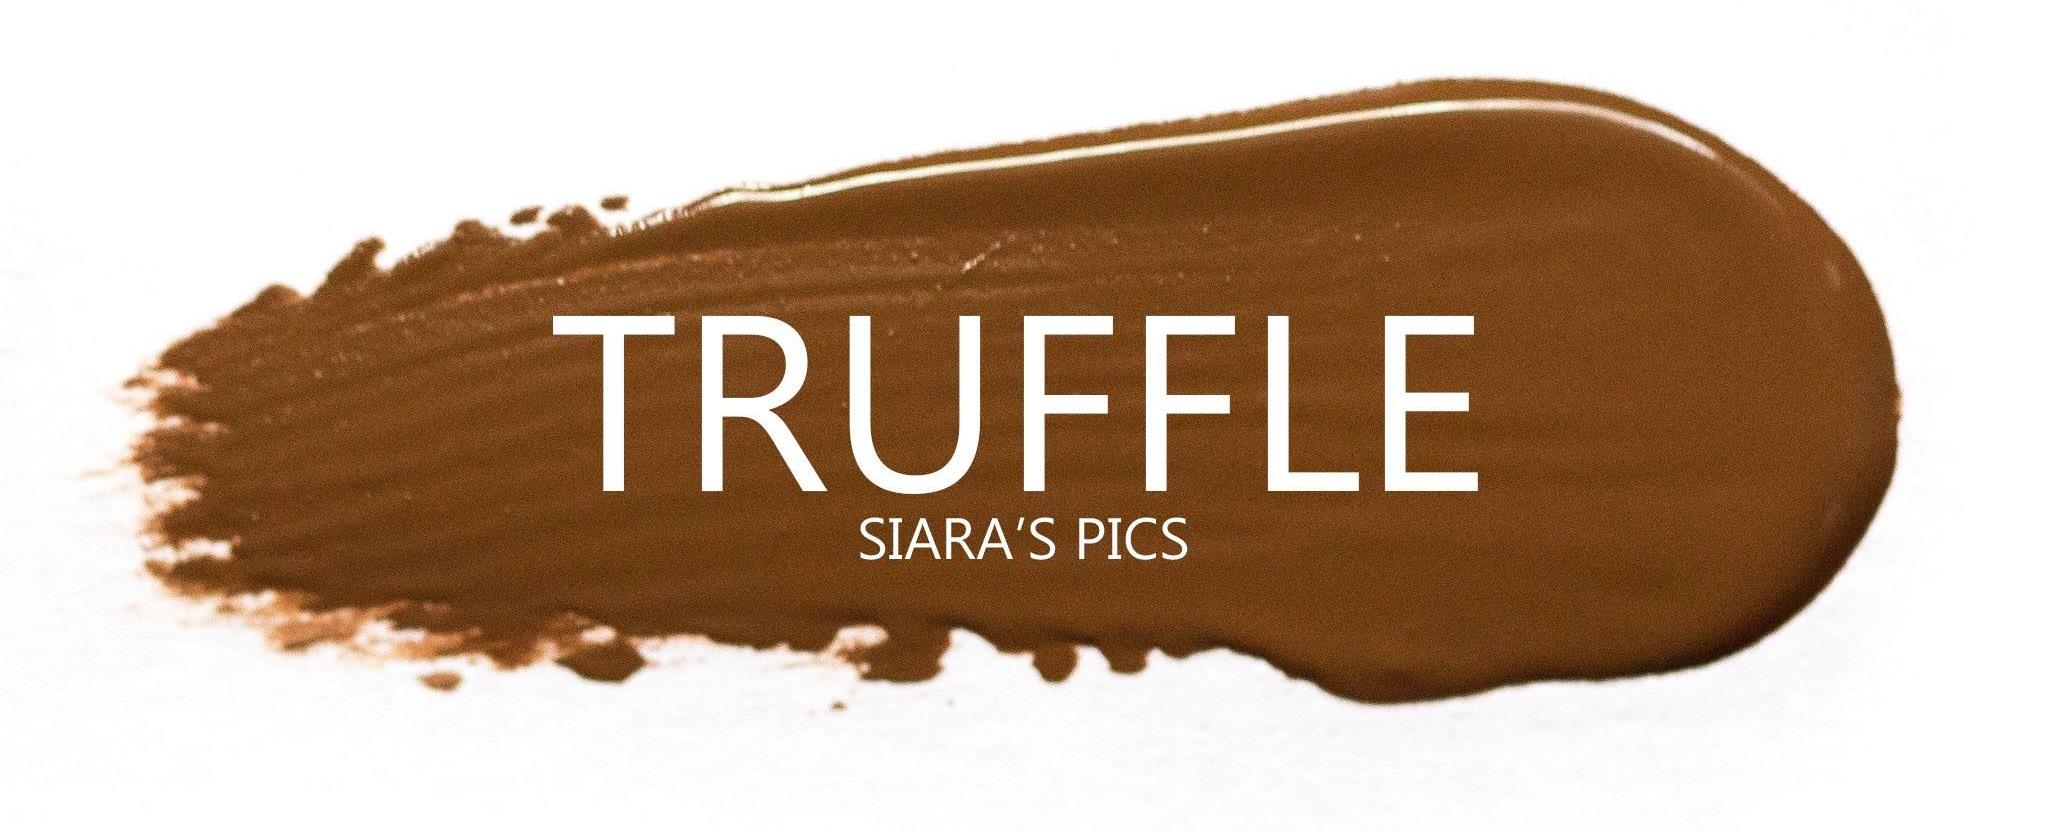 Truffle Foundation